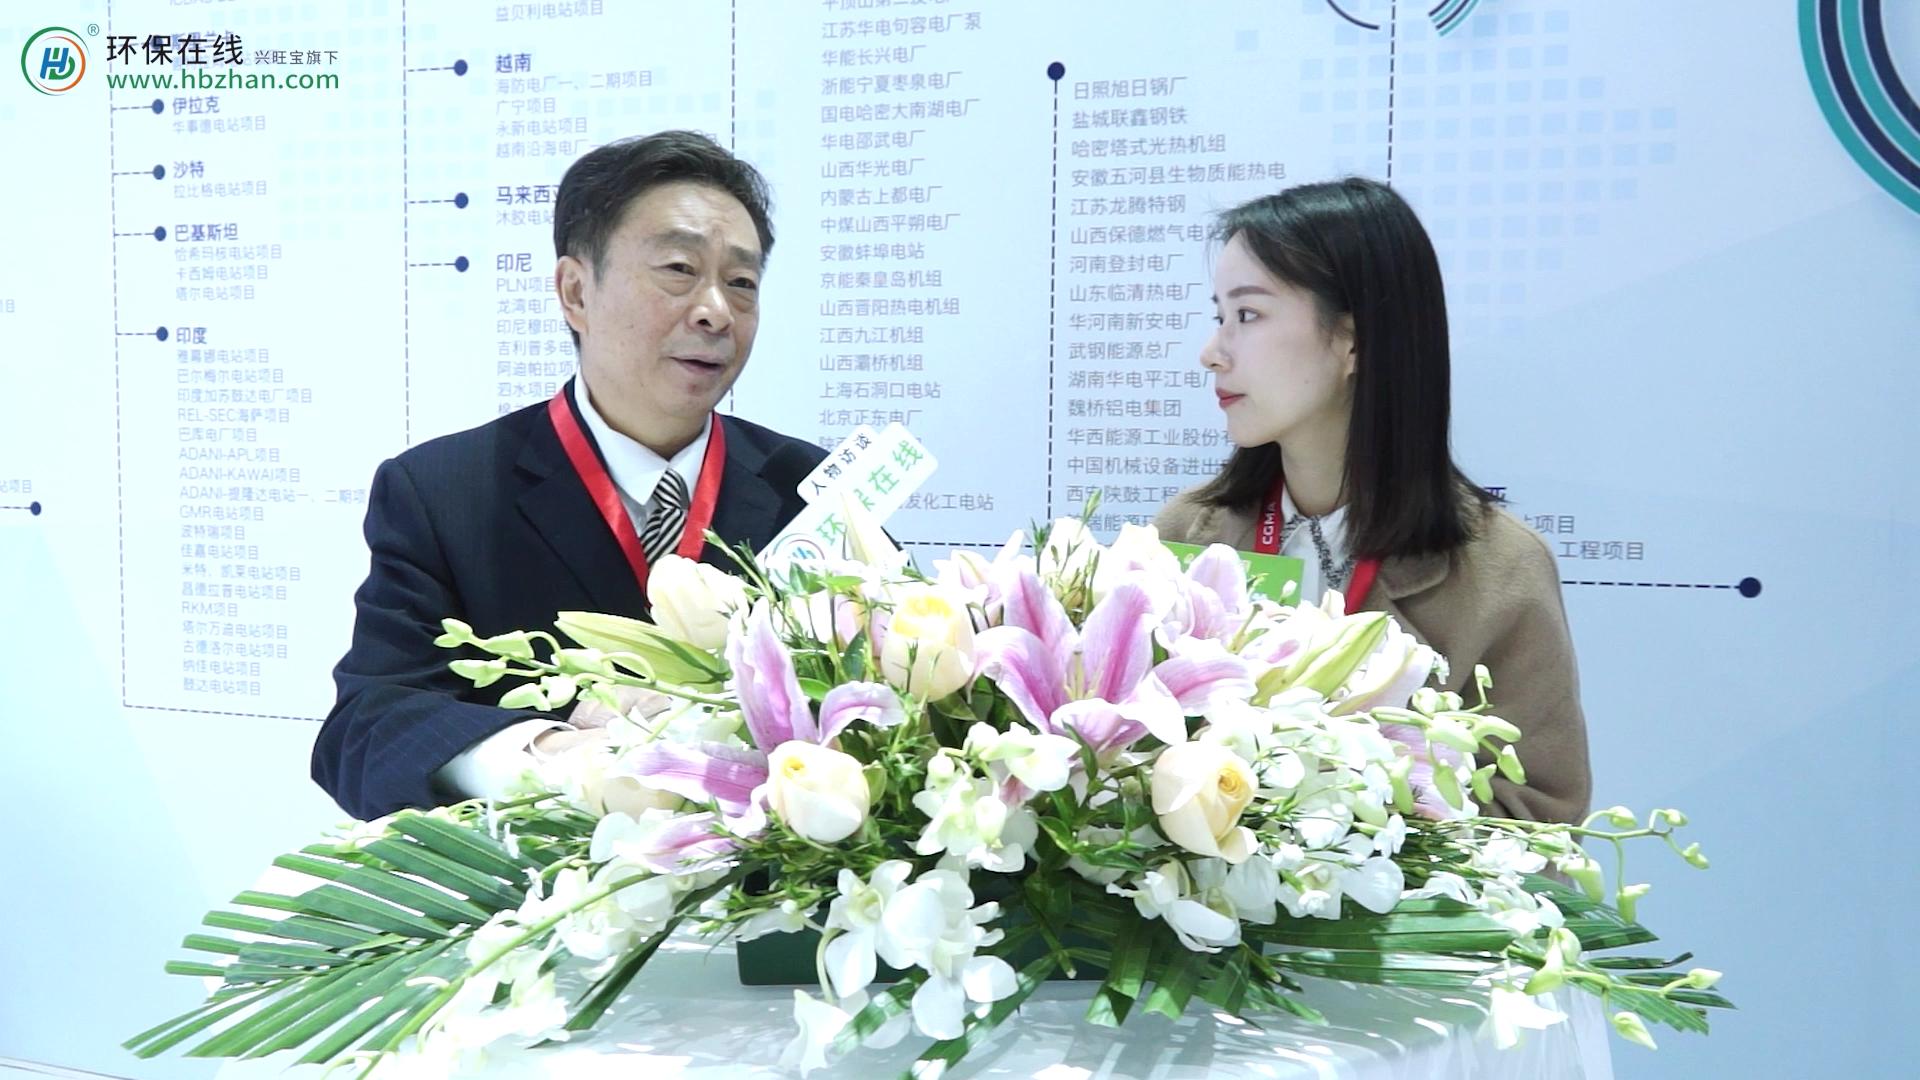 專訪︰中電建上海能源裝備有限公司董事長程道俊